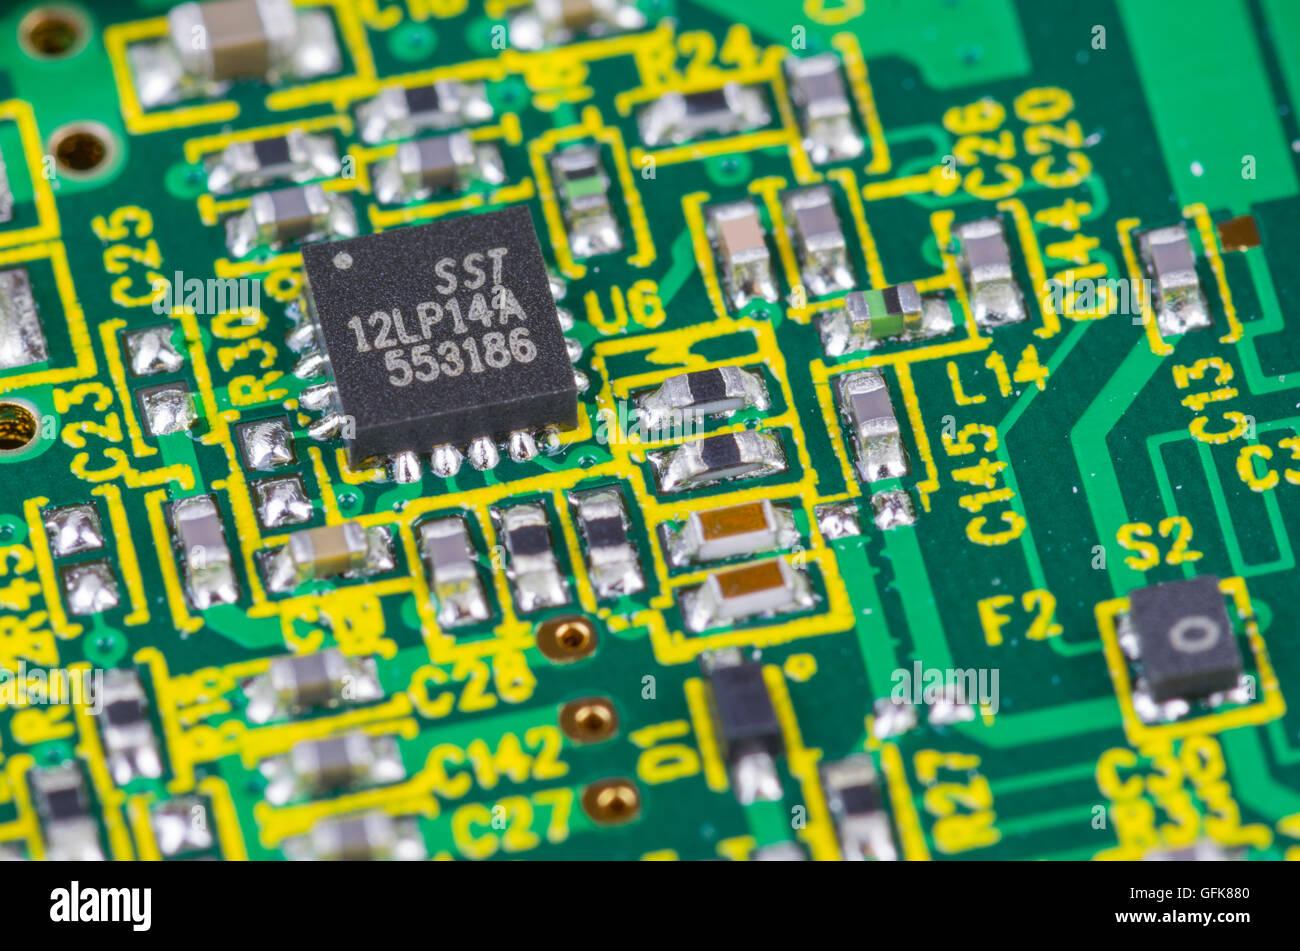 SST microchip su un elettronica scheda a circuito stampato. Immagini Stock